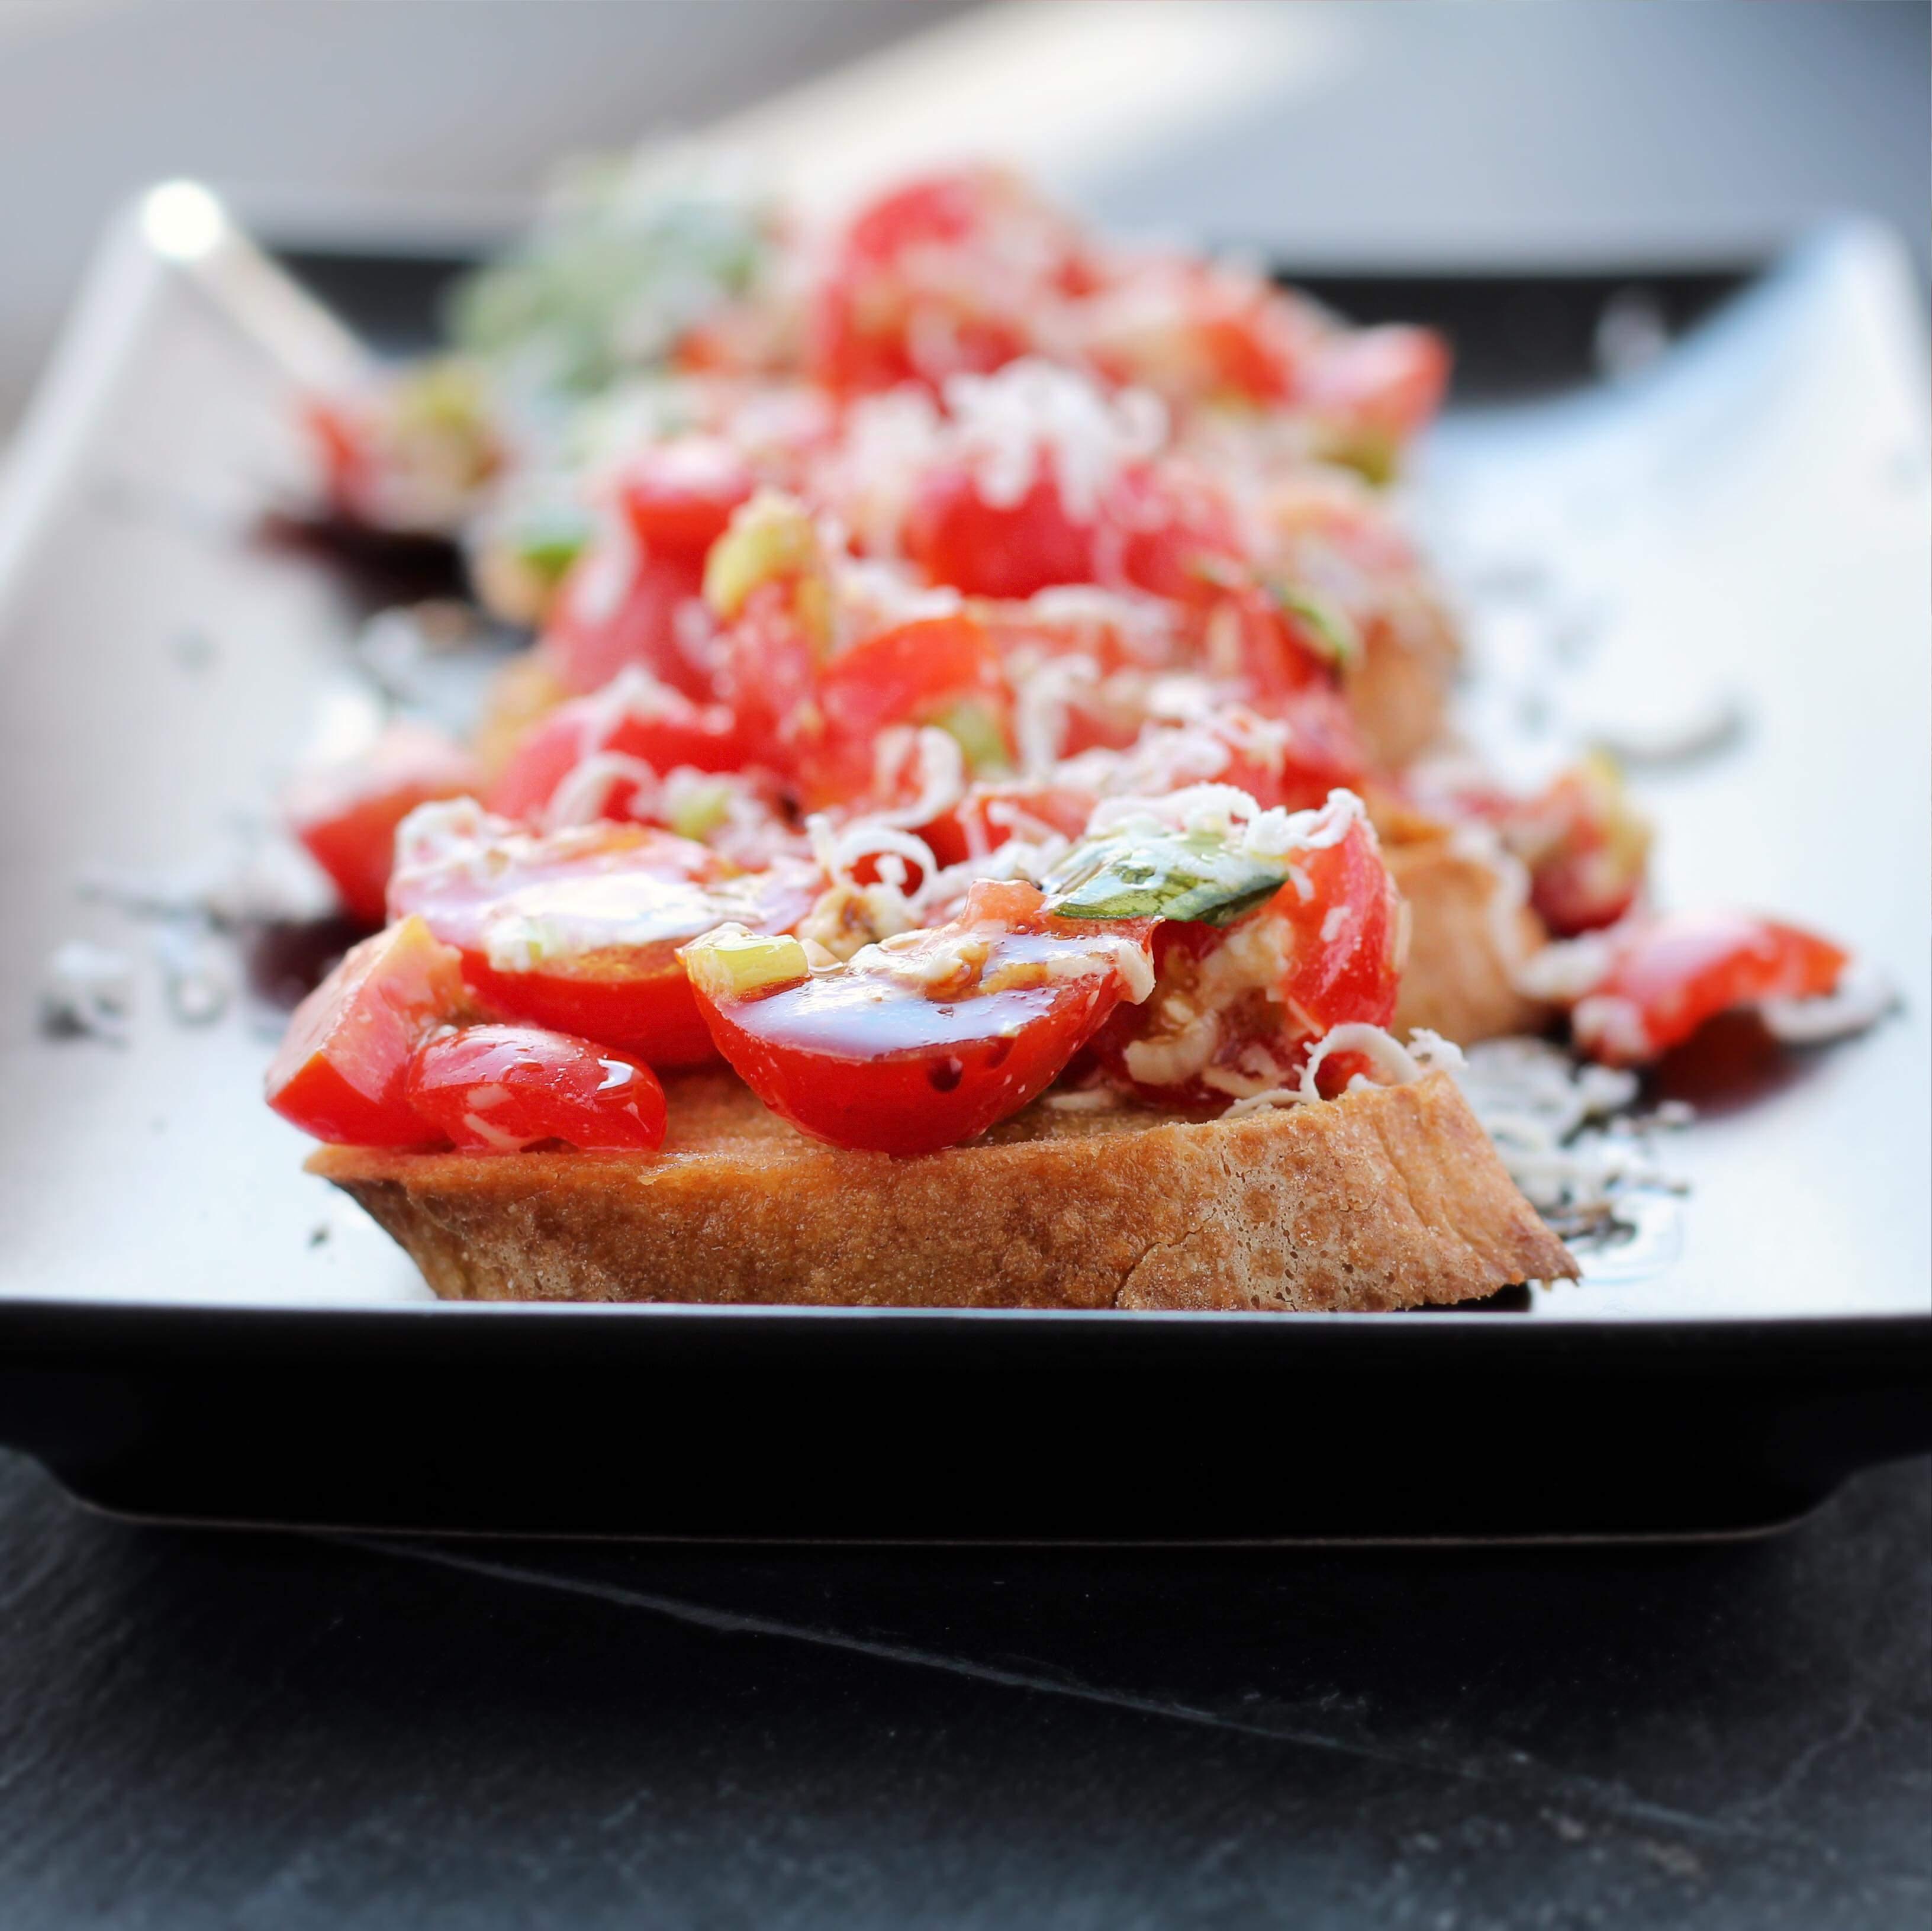 Tomato and Ricotta Salata Bruschetta